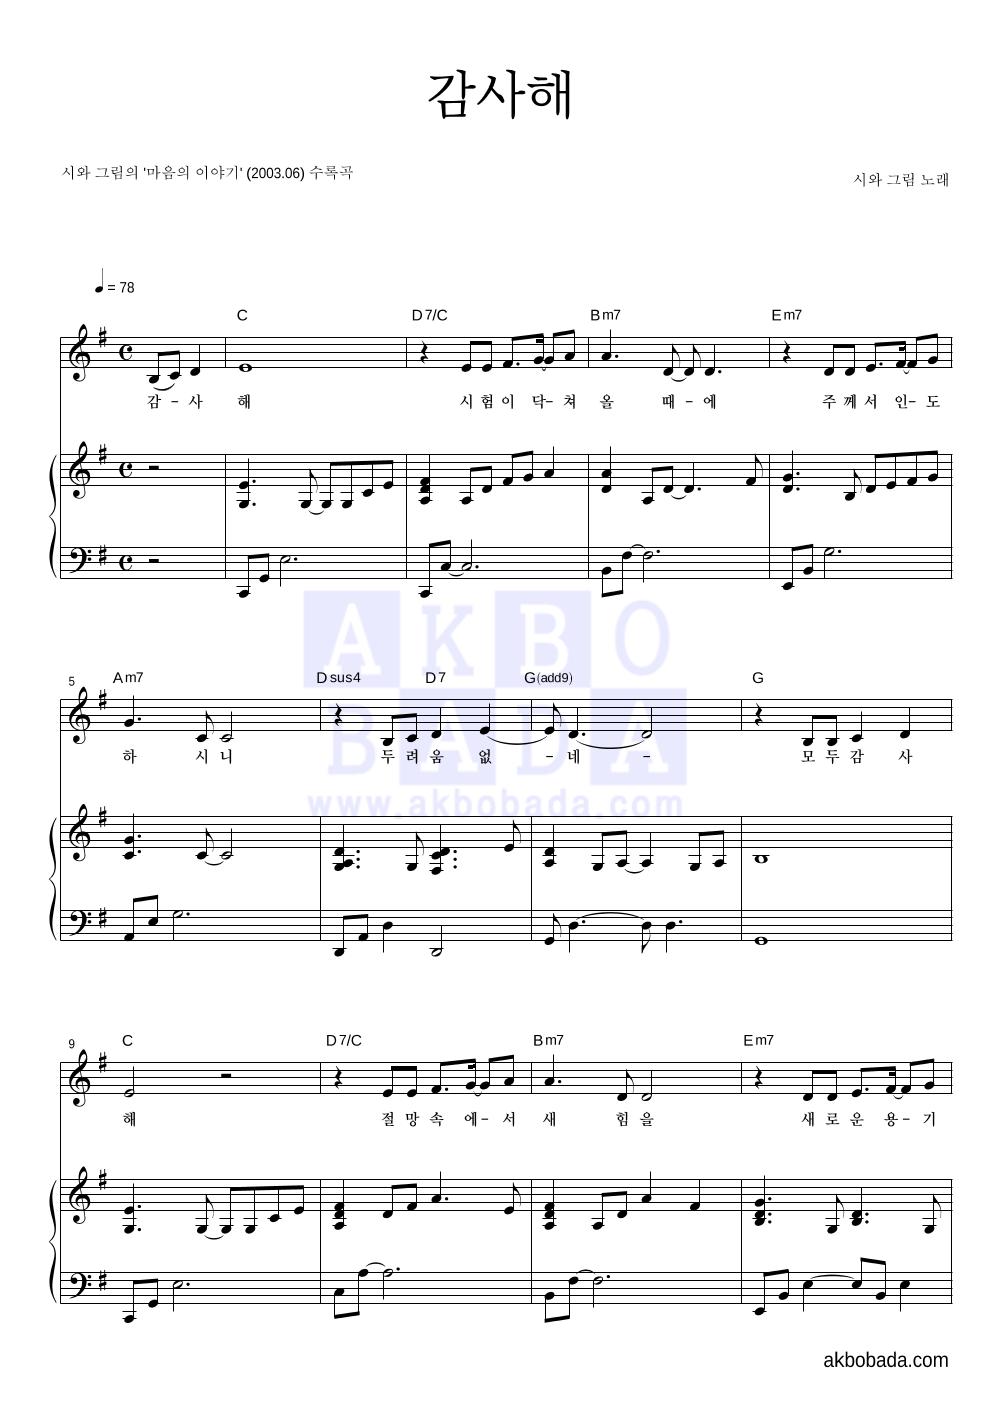 시와 그림 - 감사해 피아노 3단 악보